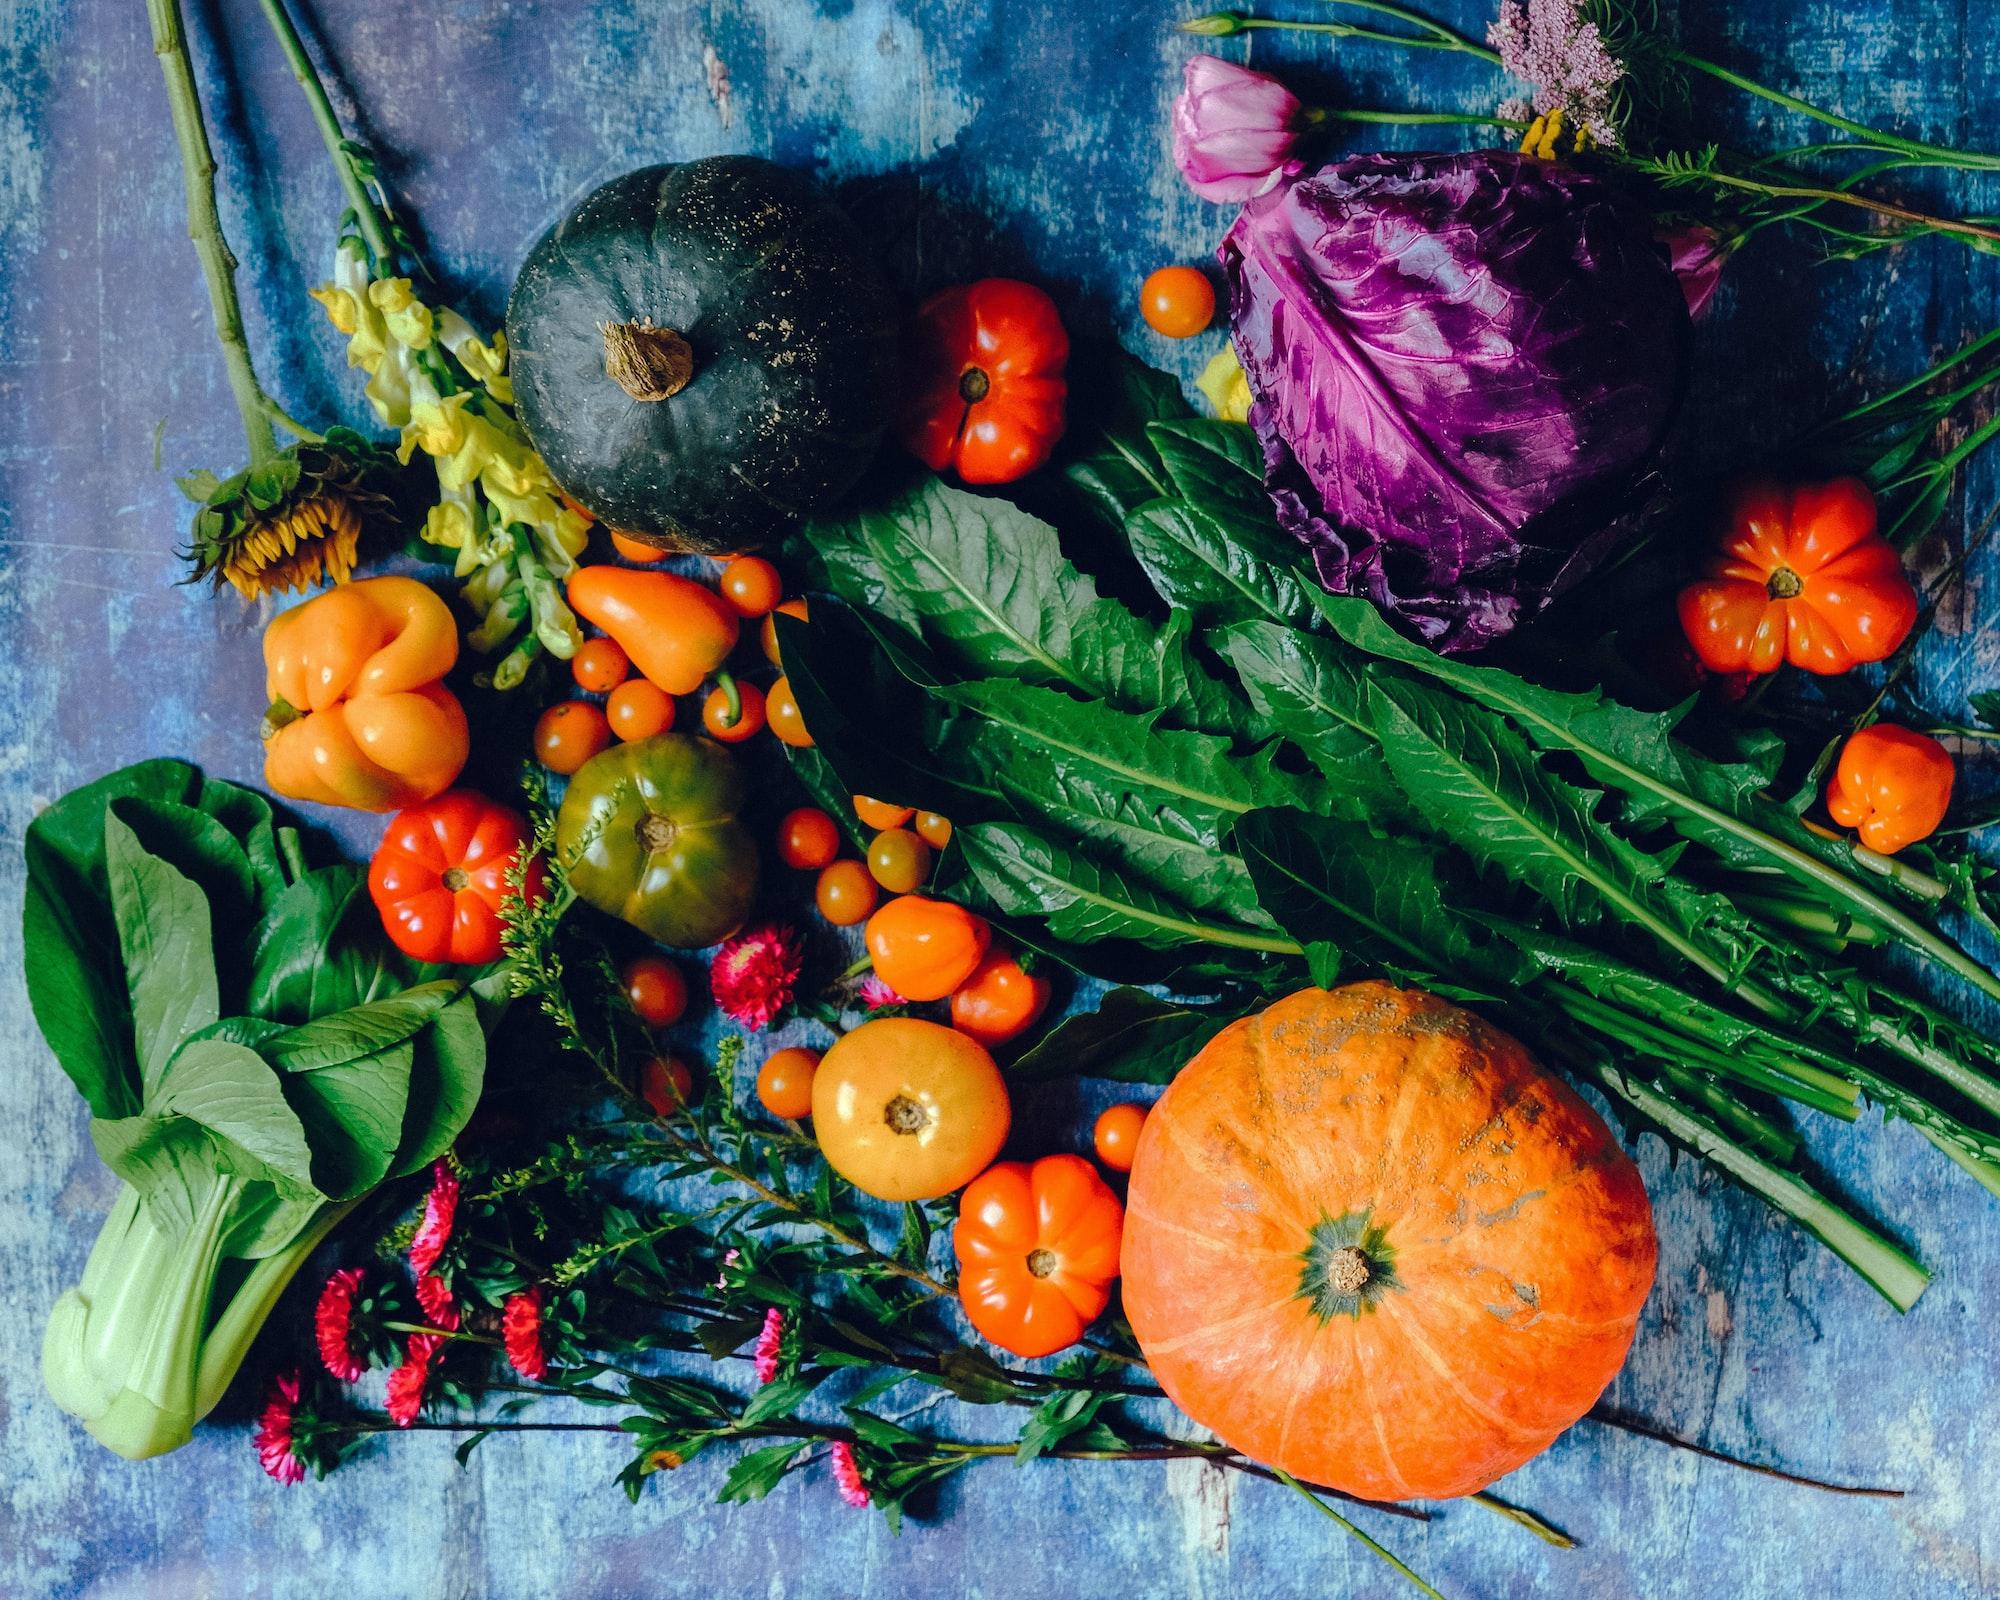 När slutade vegetarisk mat att vara äcklig?